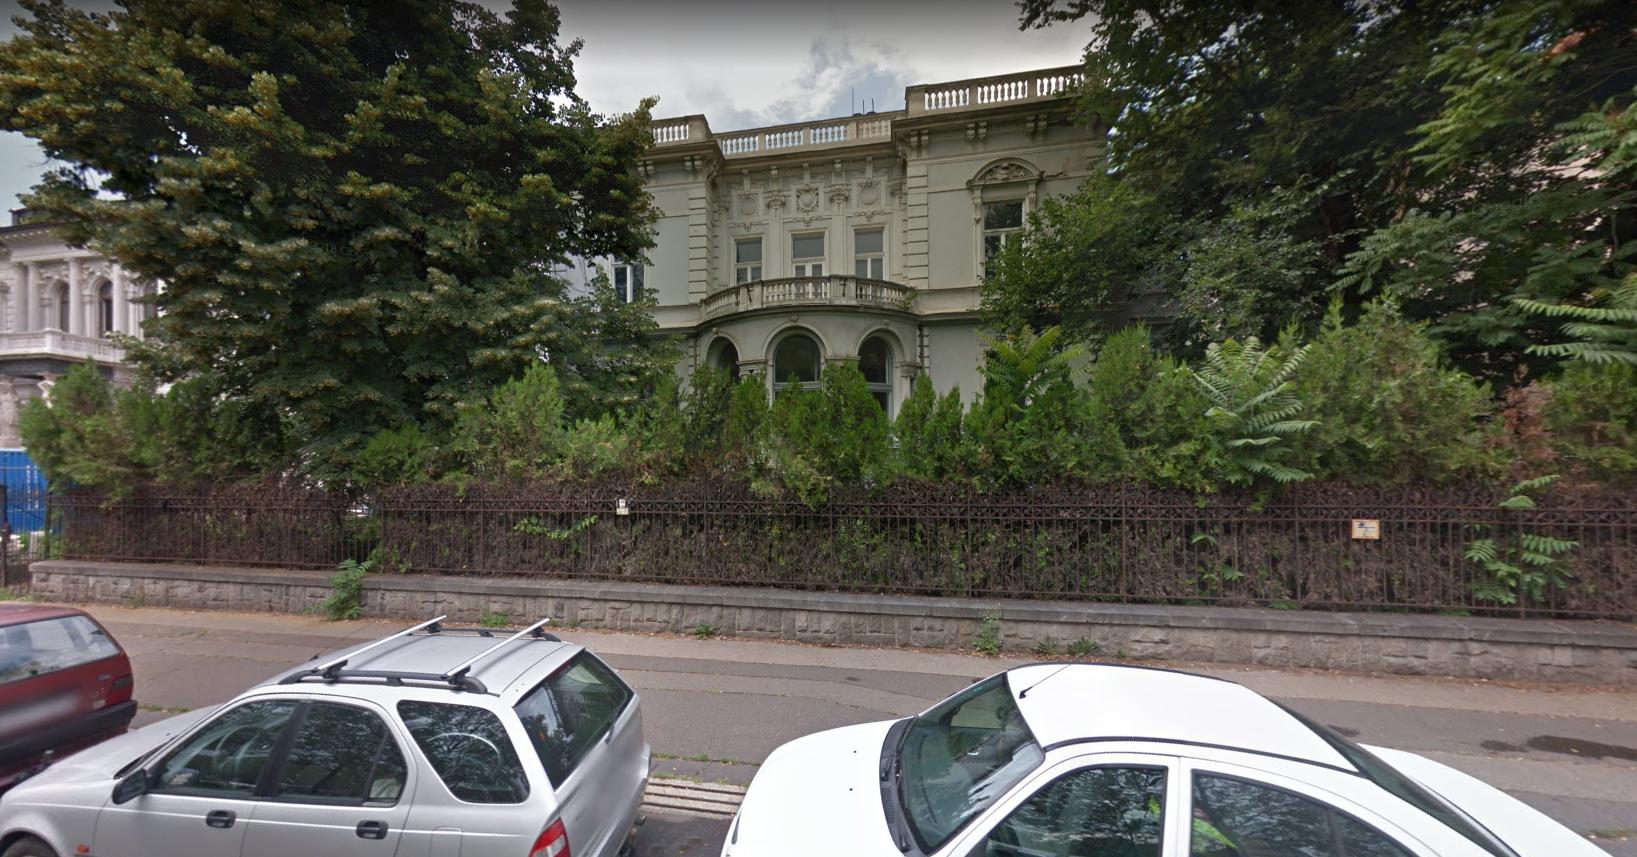 Kiderült, hogy az Eliost tőle megvásároló Paár Attilával közösen épít luxusszállót az Andrássy úton Tiborcz István